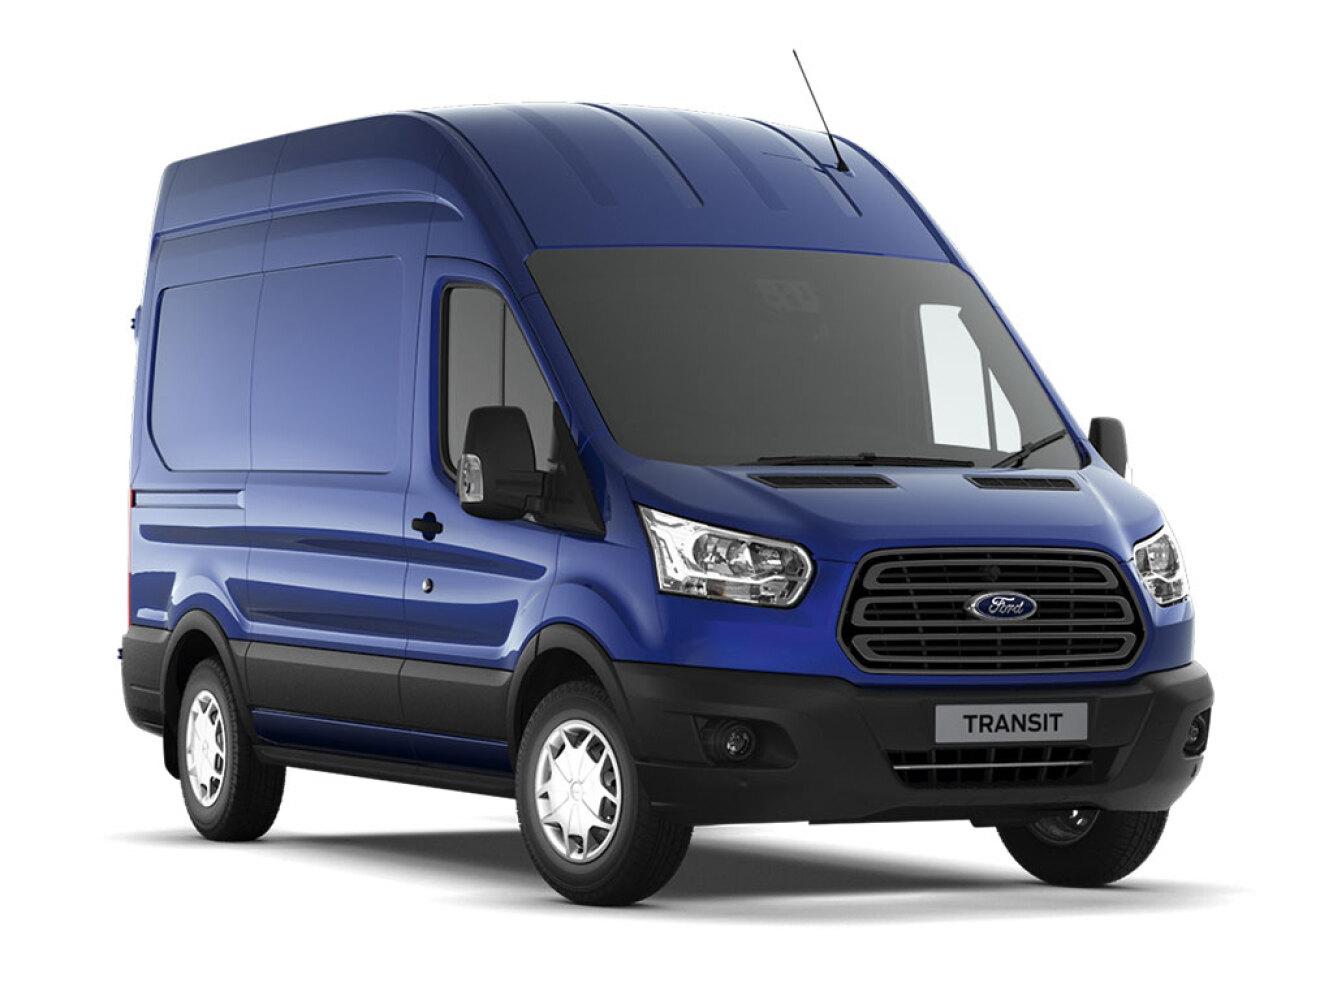 new ford transit 290 l2 diesel fwd 2 0 tdci 105ps h3 van. Black Bedroom Furniture Sets. Home Design Ideas